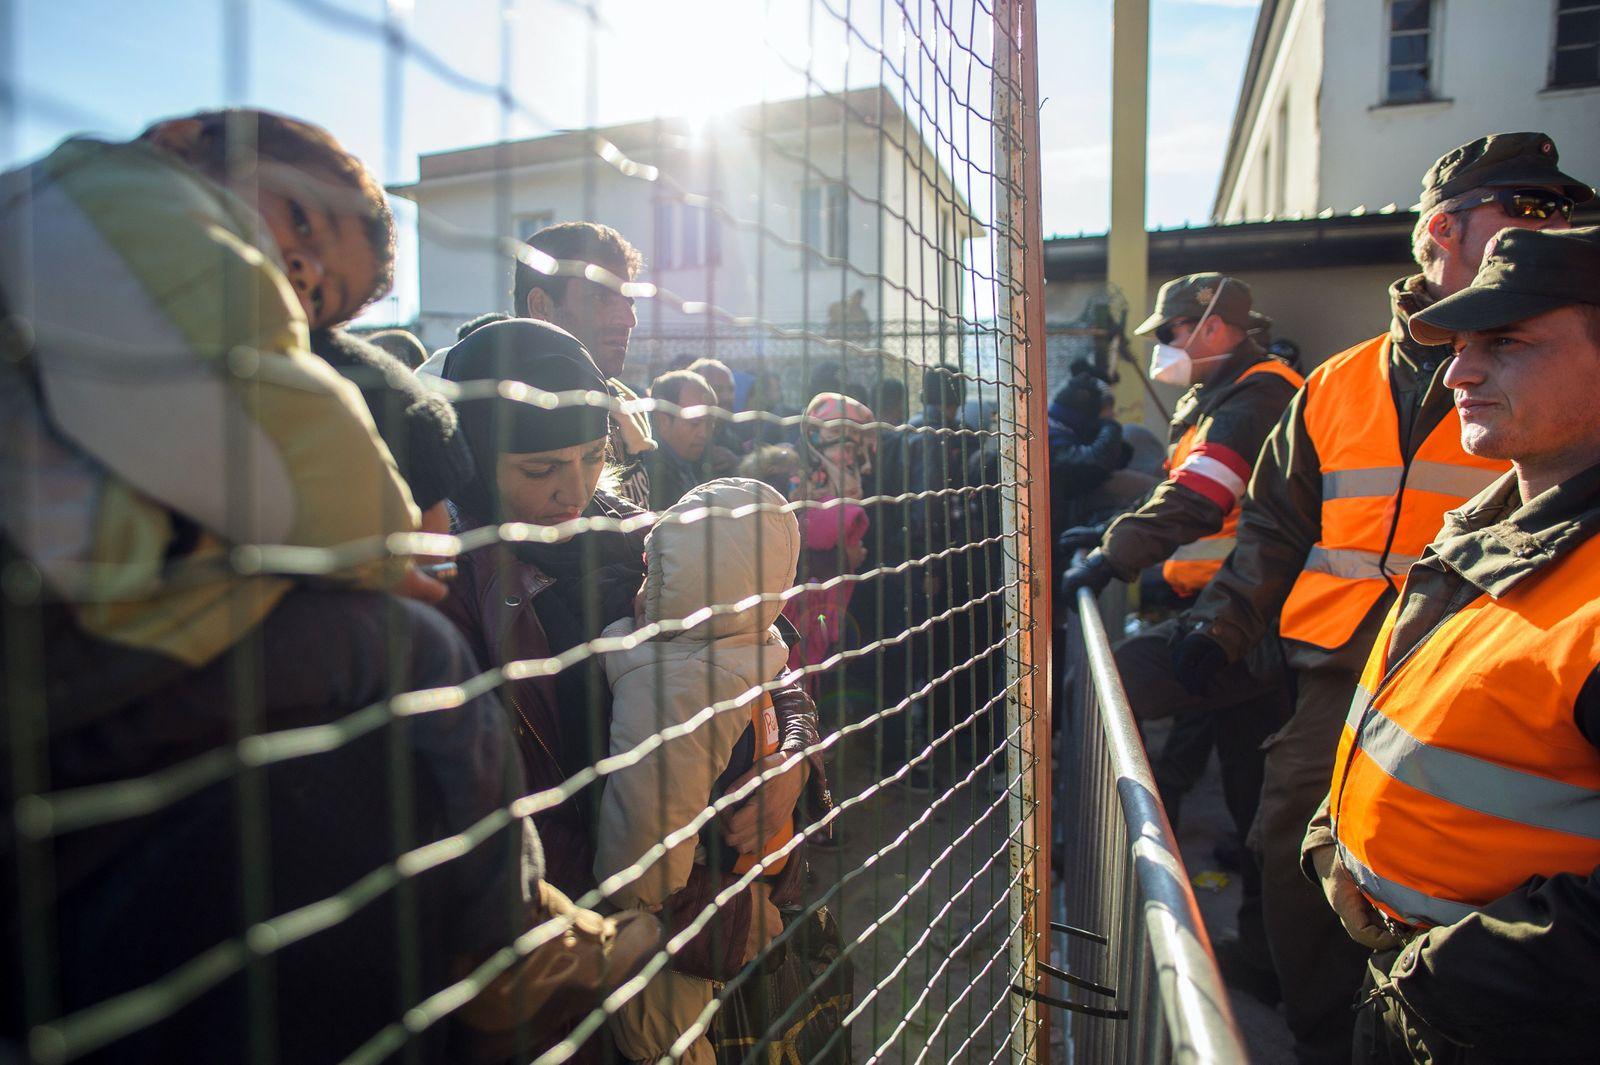 Österreich/ Grenze/ Zaun/ Flüchtlinge